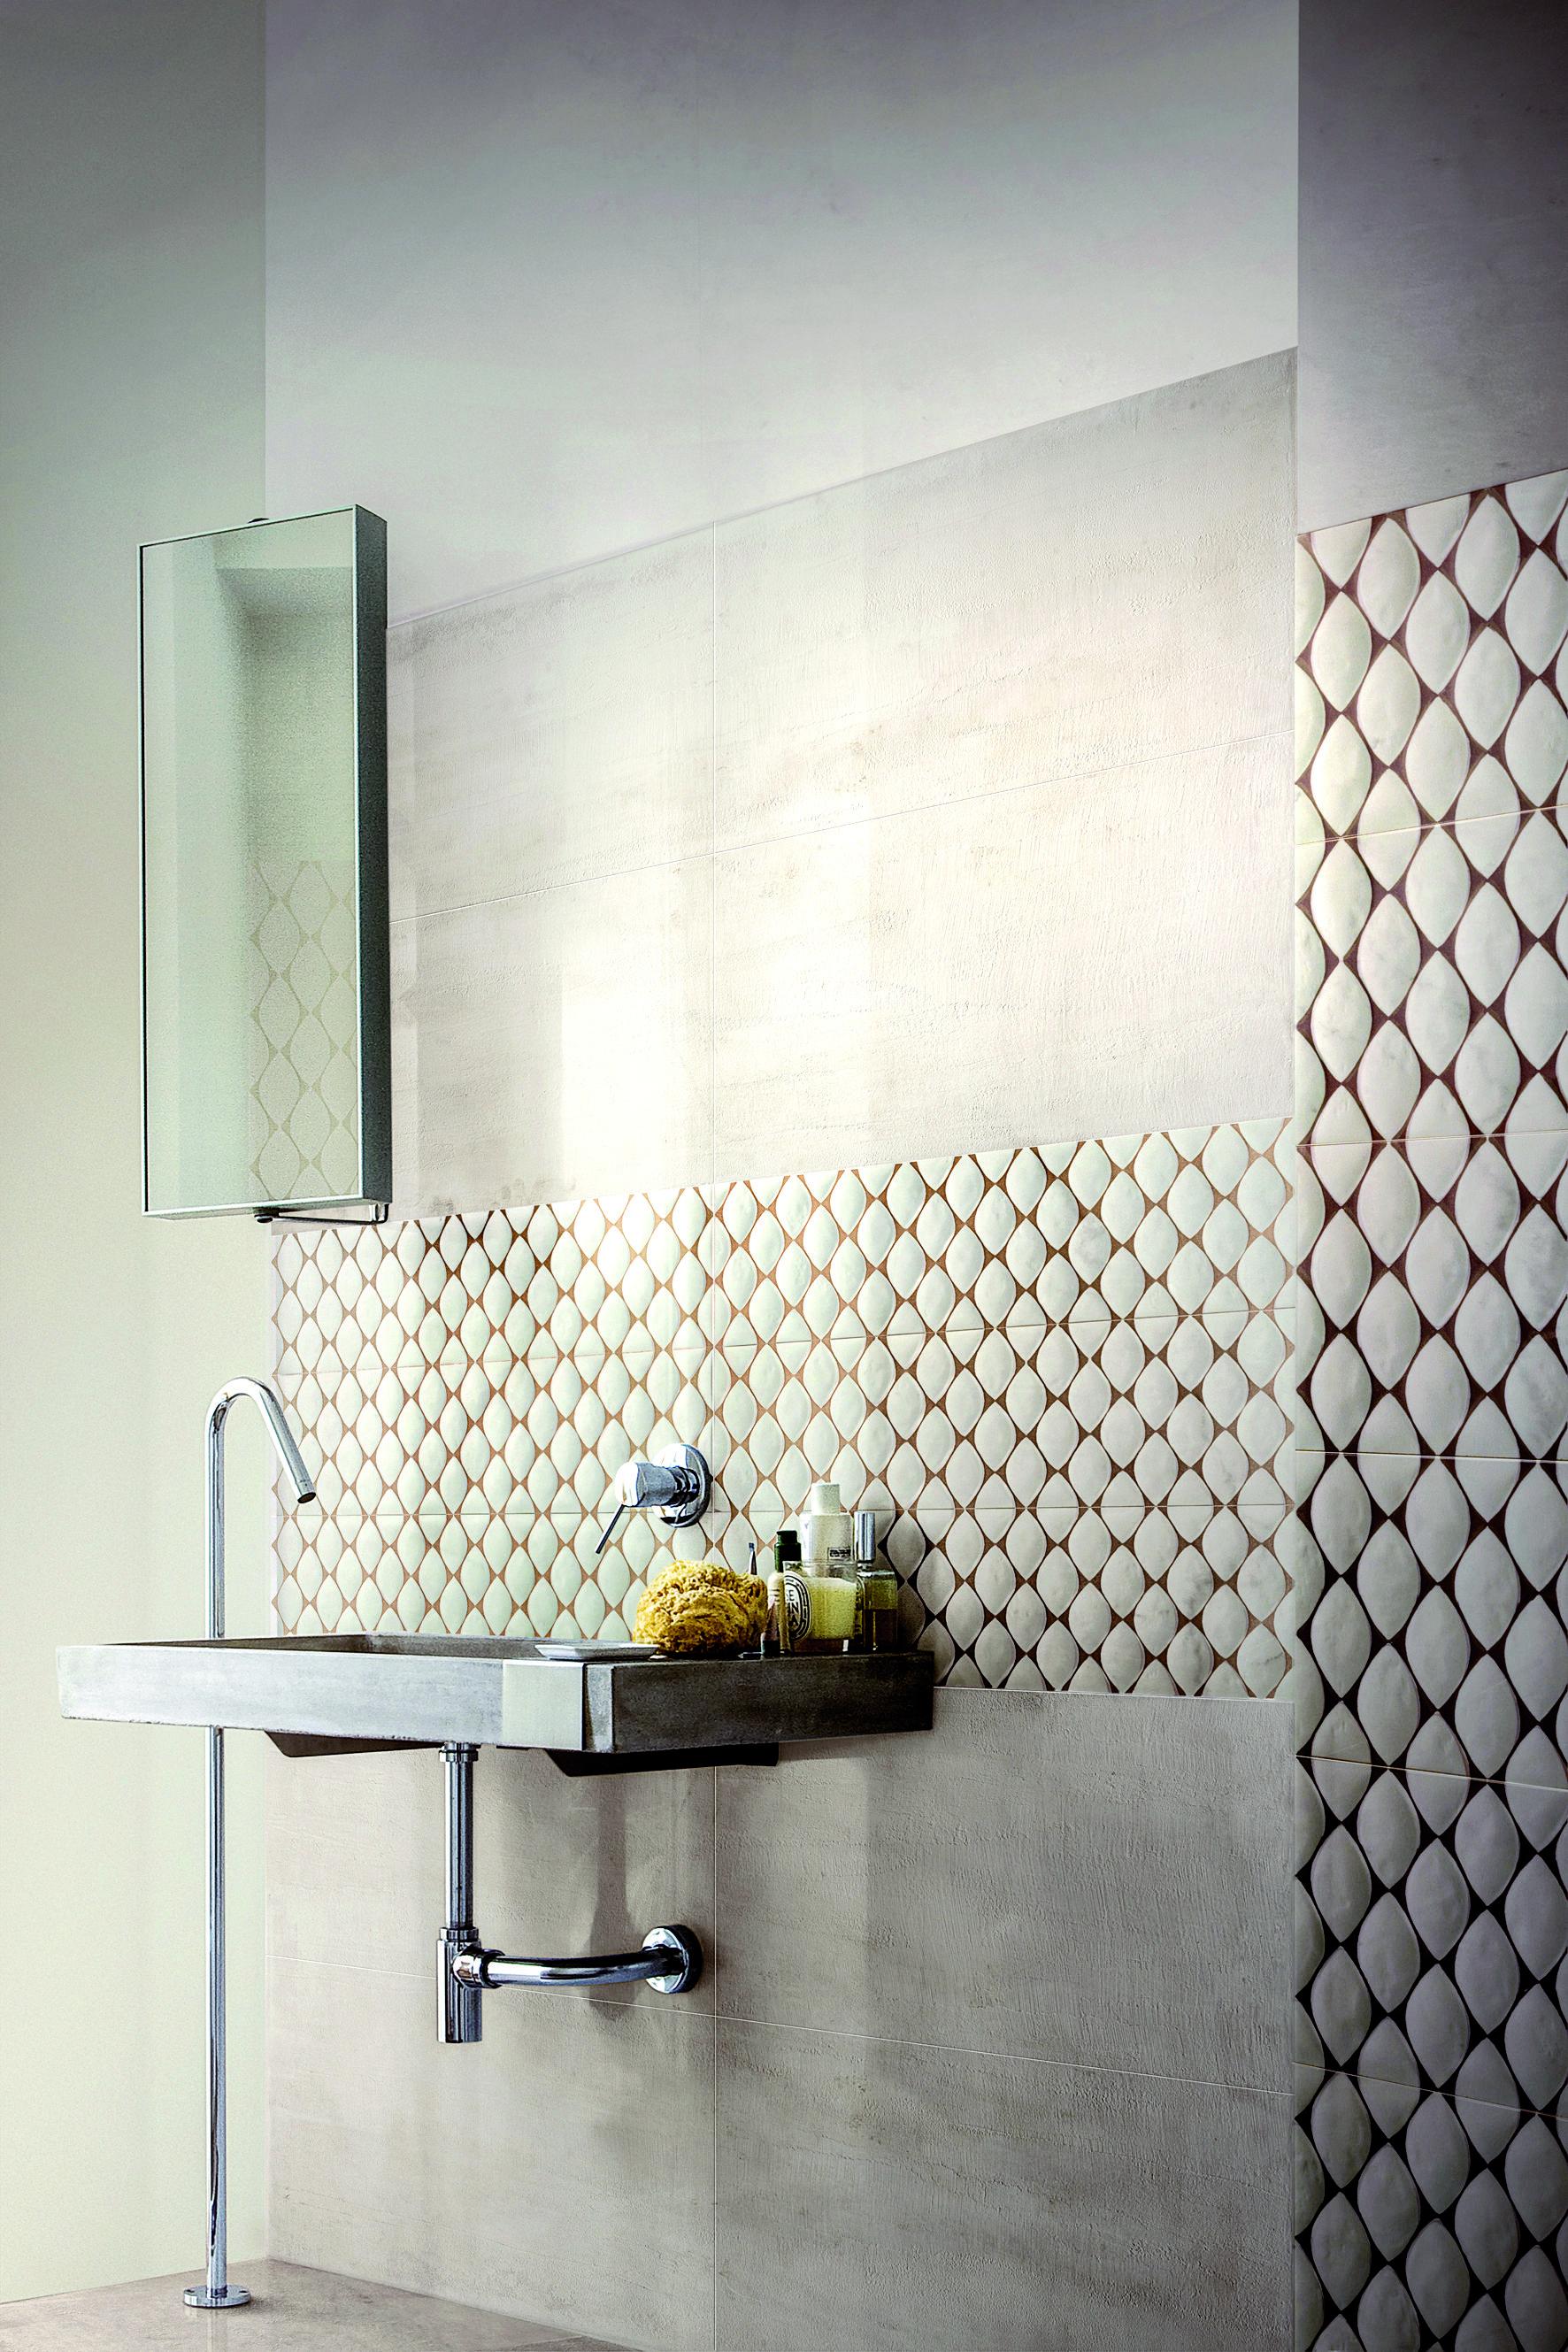 Badezimmer Fliesen Modern Muster Mosaik Beton Ceramic Stein In